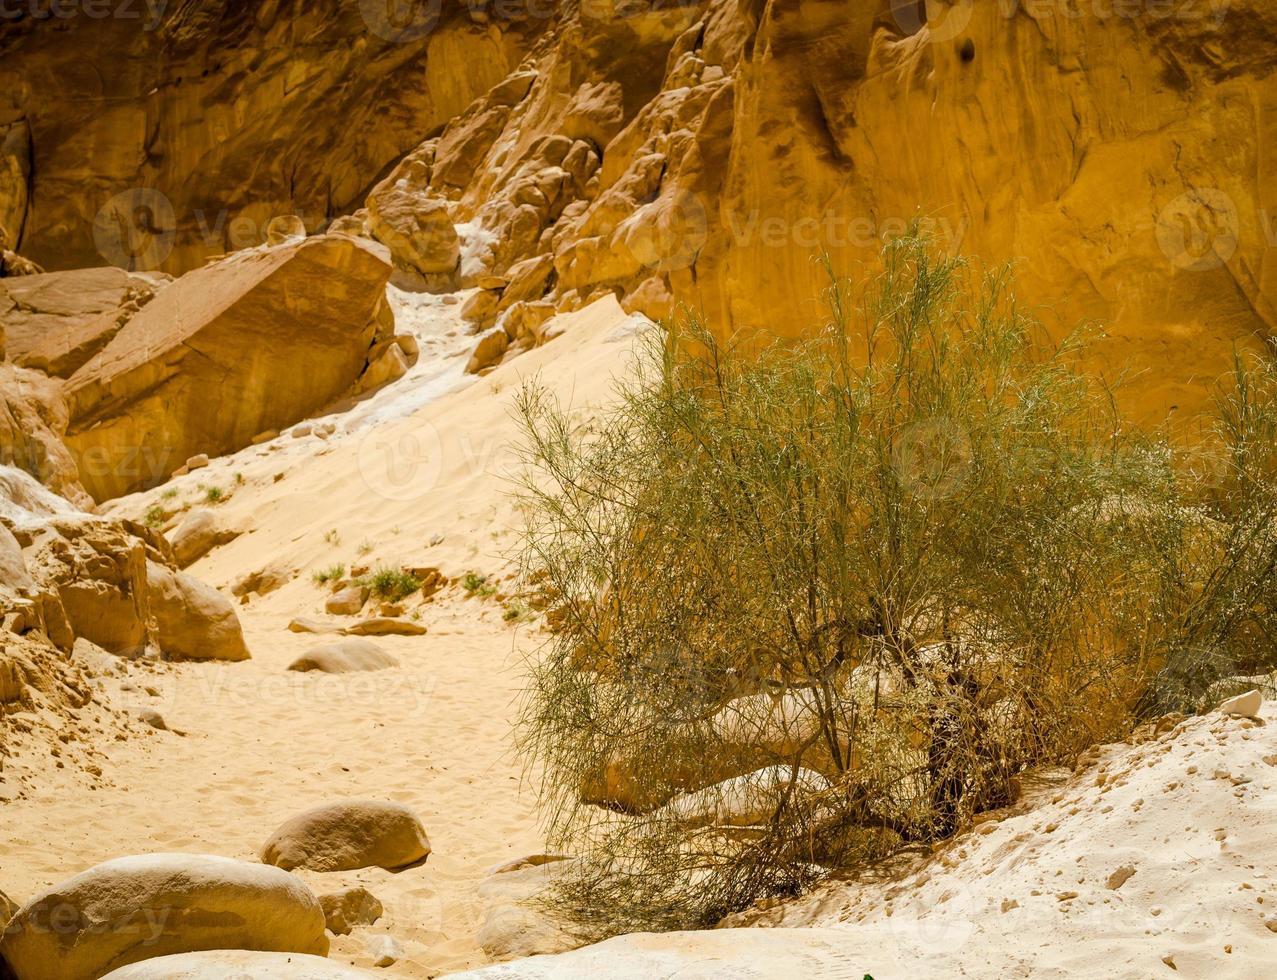 groene struik in het zand van een canyon foto